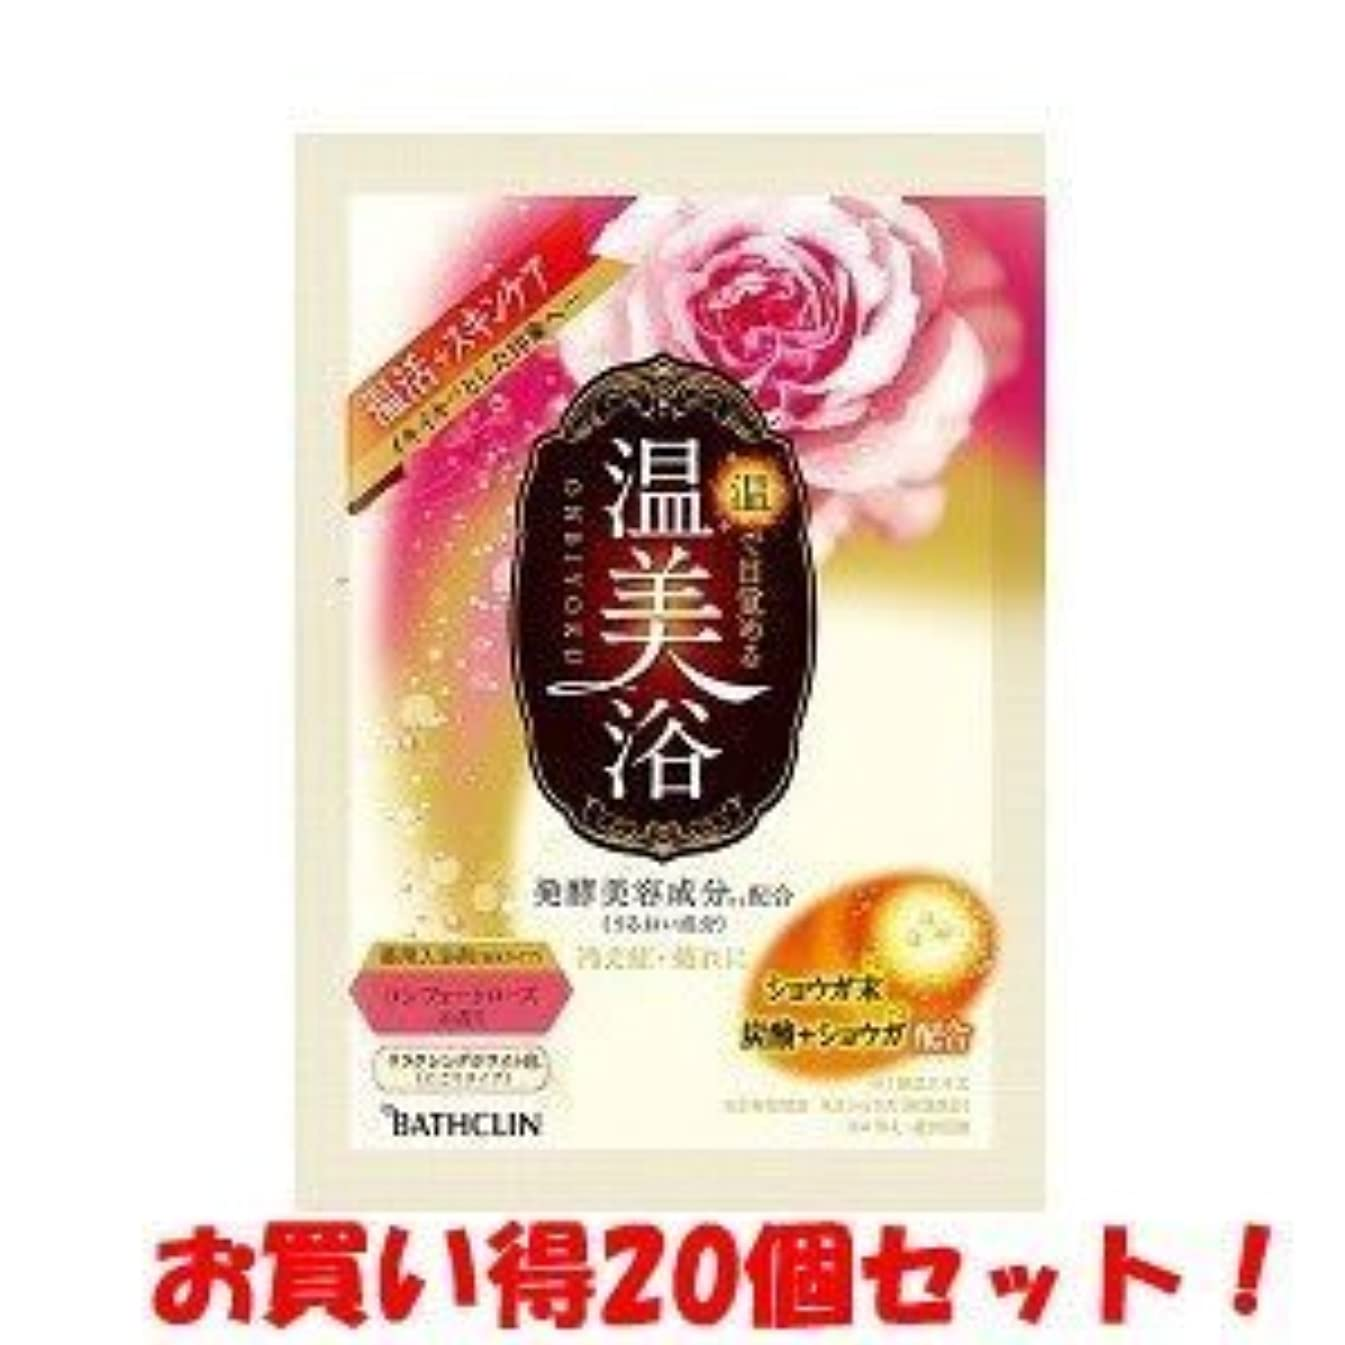 広告する調べるバラエティ(バスクリン)温美浴 コンフォートローズの香り 40g(医薬部外品)(お買い得20個セット)